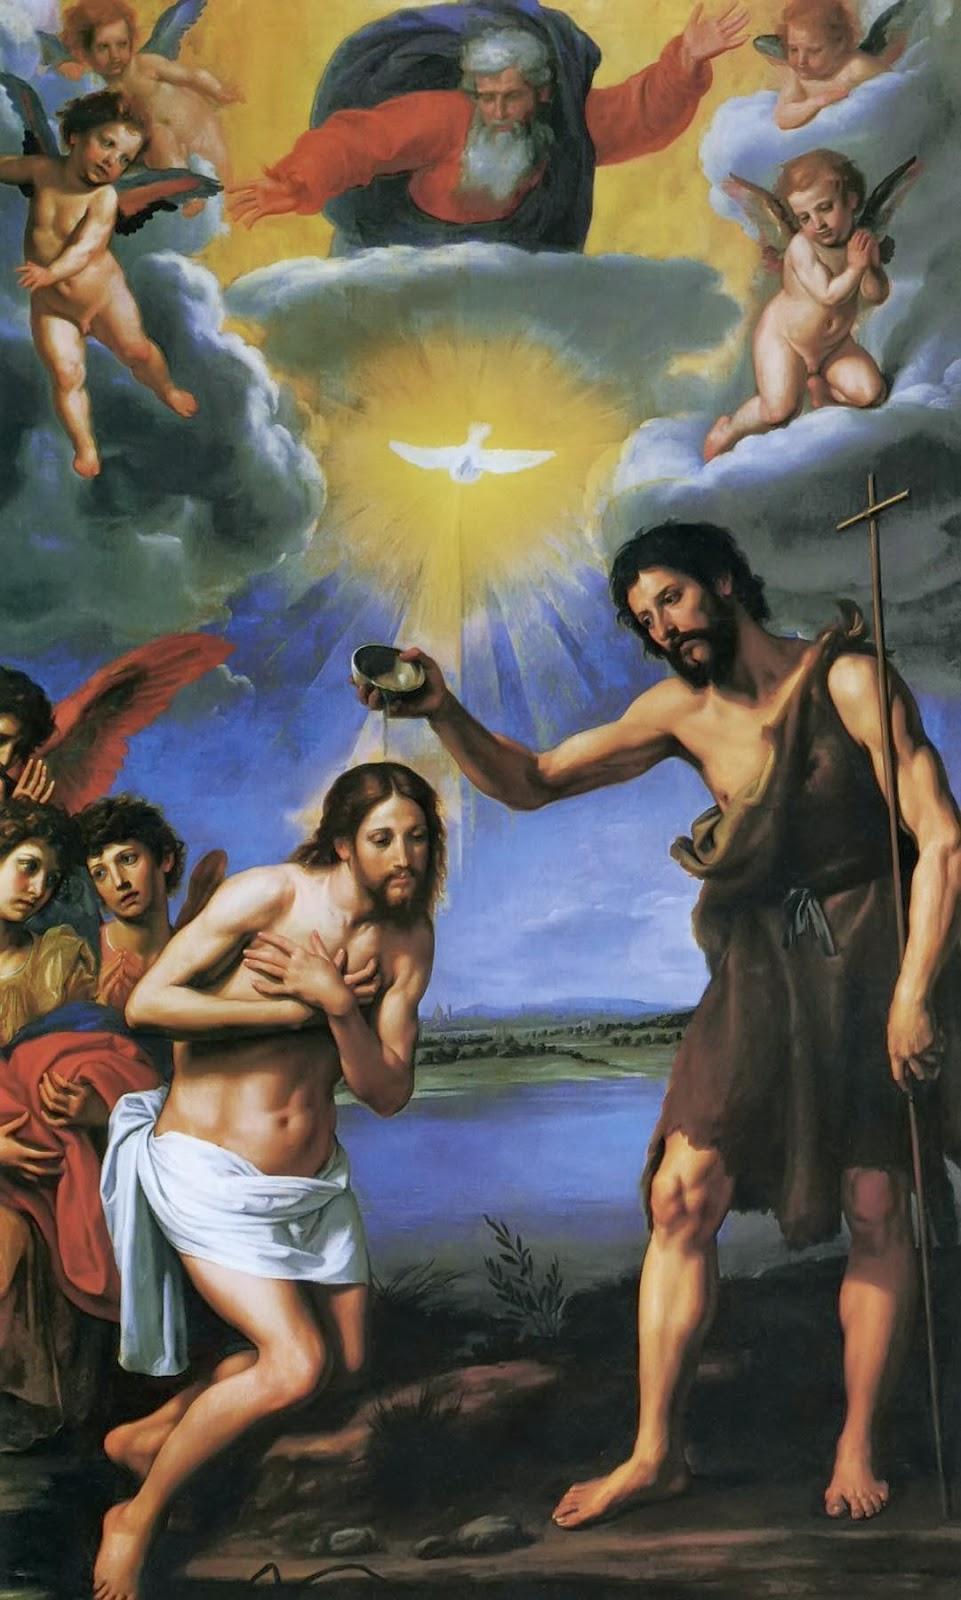 http://3.bp.blogspot.com/-yqYJJ2R6VZQ/UtG8INWGOLI/AAAAAAAAHPo/Ax0QDeYbP4M/s1600/Baptism-of-Christ-Ottavio-Vannini-1640%5B1%5D.jpg